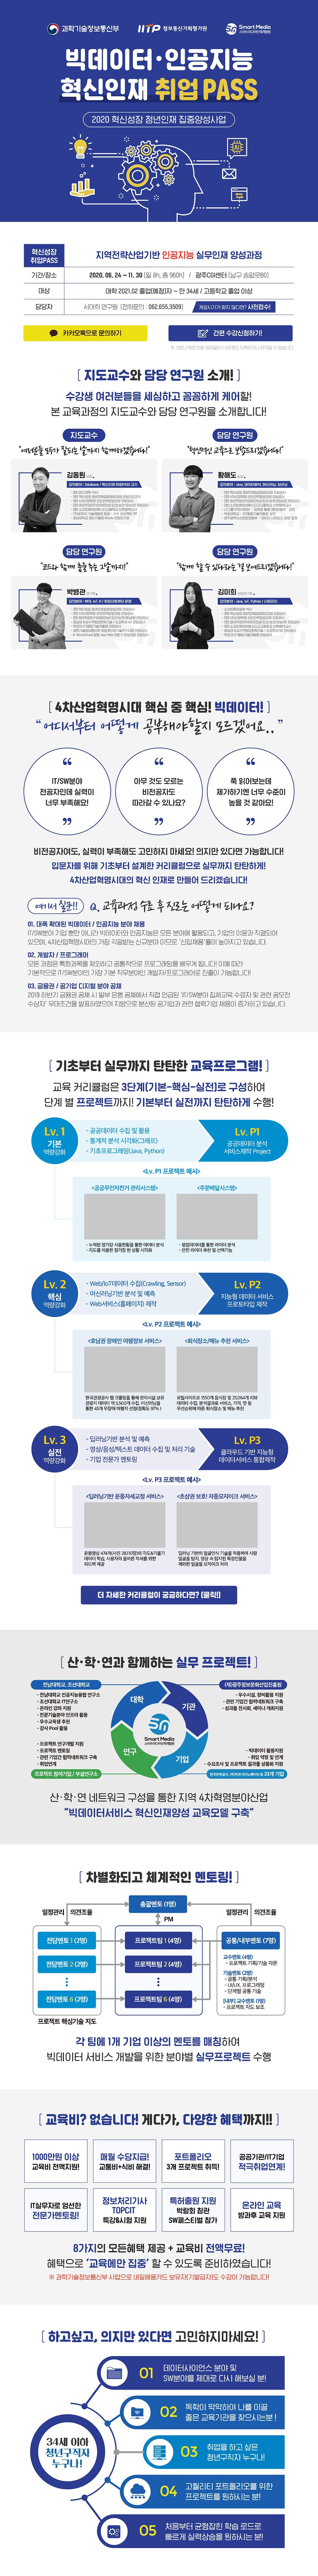 패캠모티브(2020혁신).png